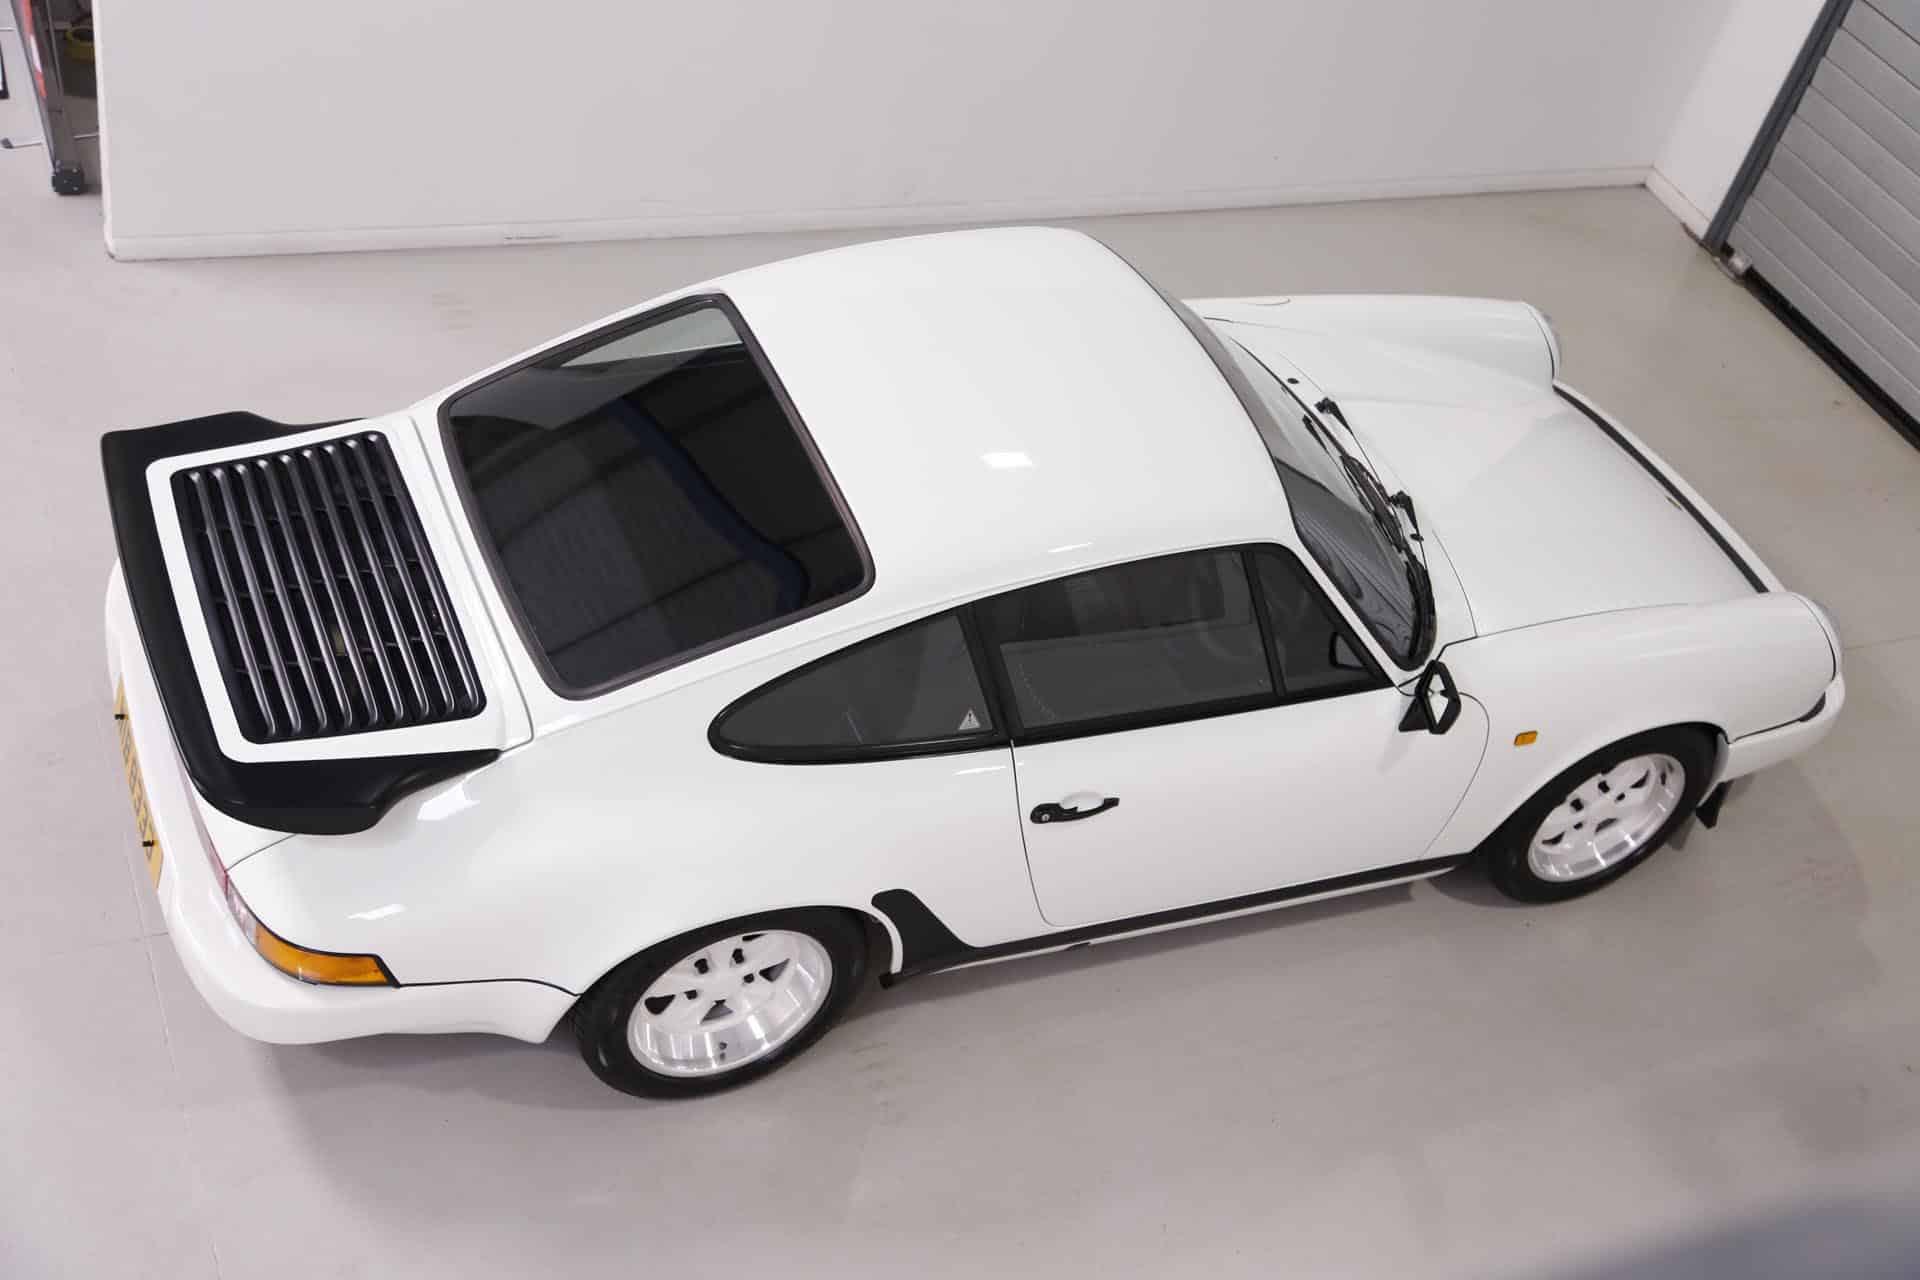 911 Carrera 3.2 Clubsport Prototype 8